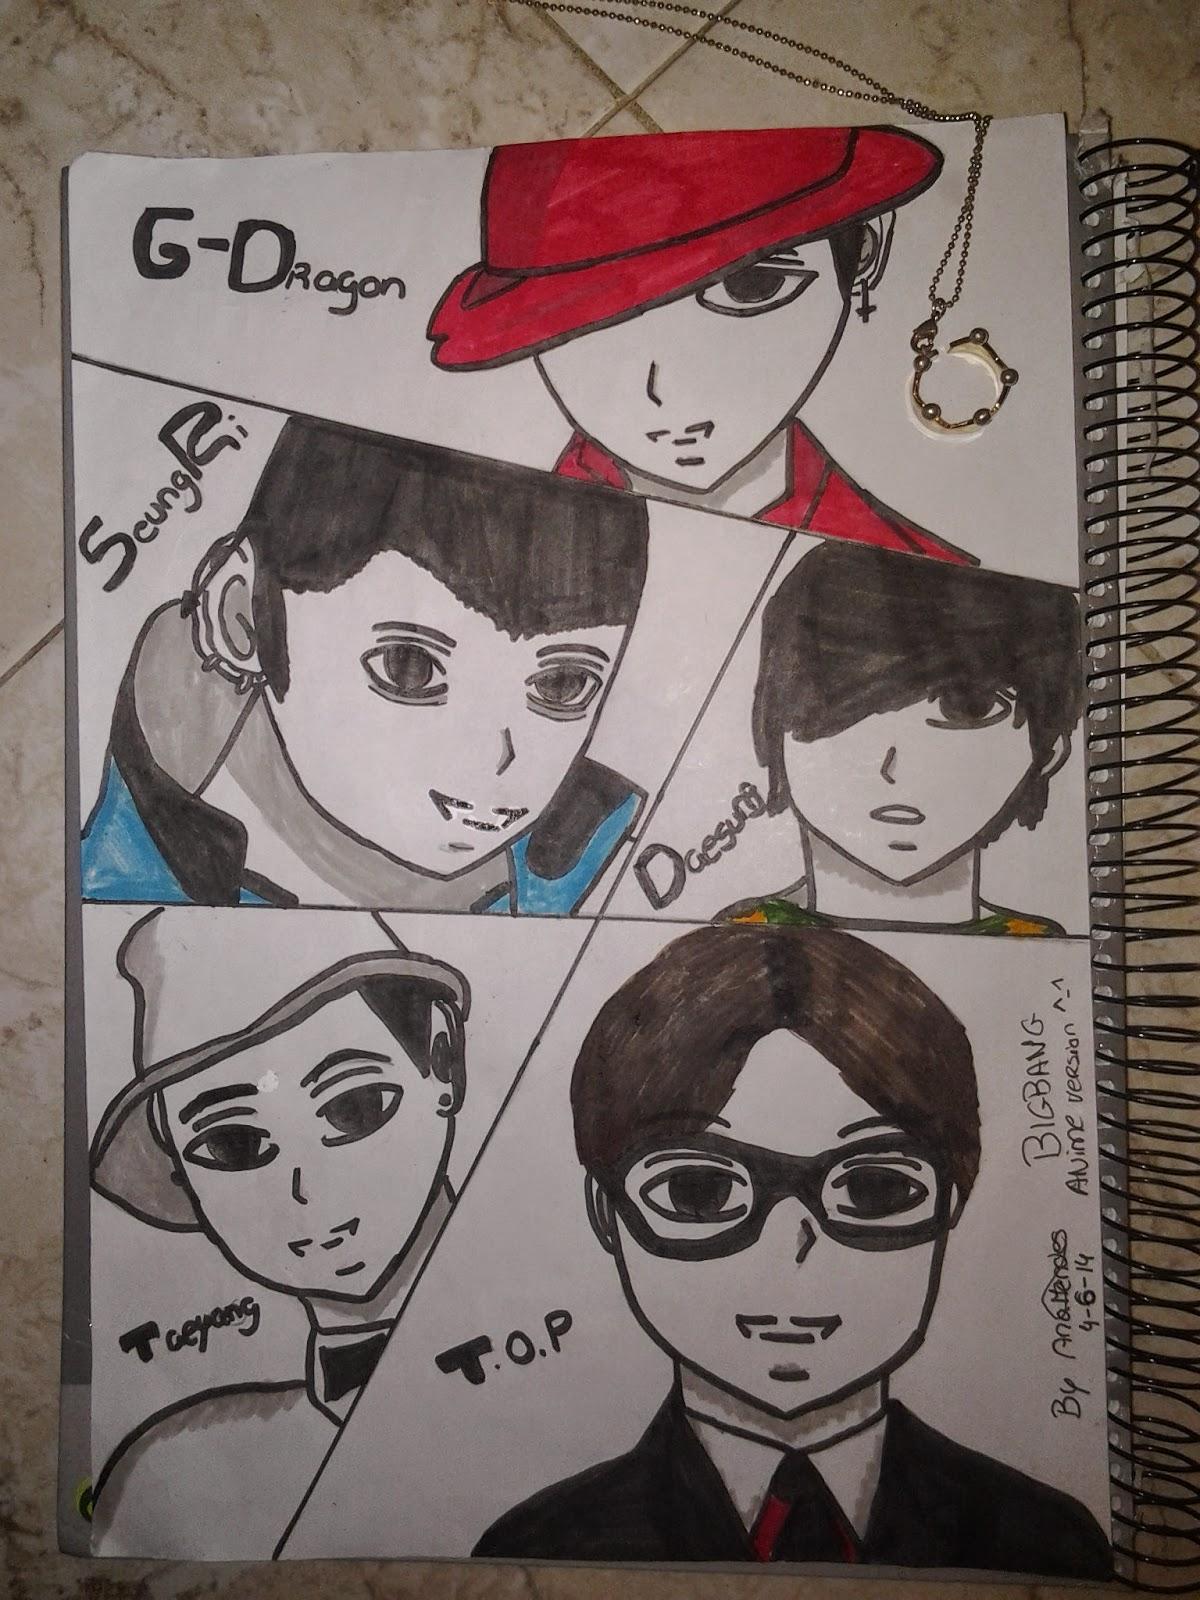 Galeria da Mizumi-Chan  - Página 7 20140604_210919